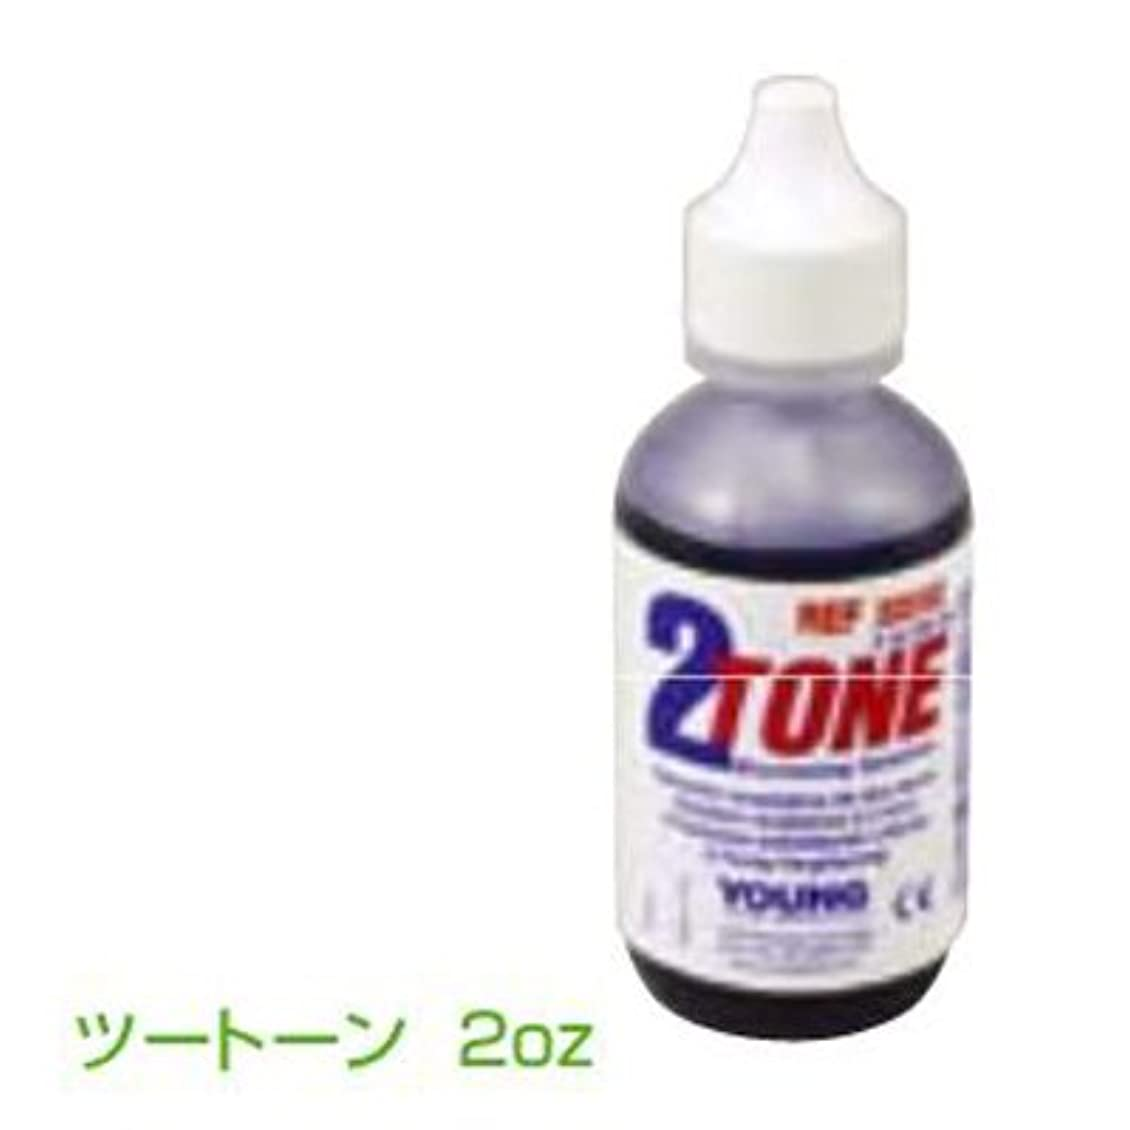 肥沃な探偵息苦しいツートーン 2oz(歯垢染色剤)【歯科医院専売品】